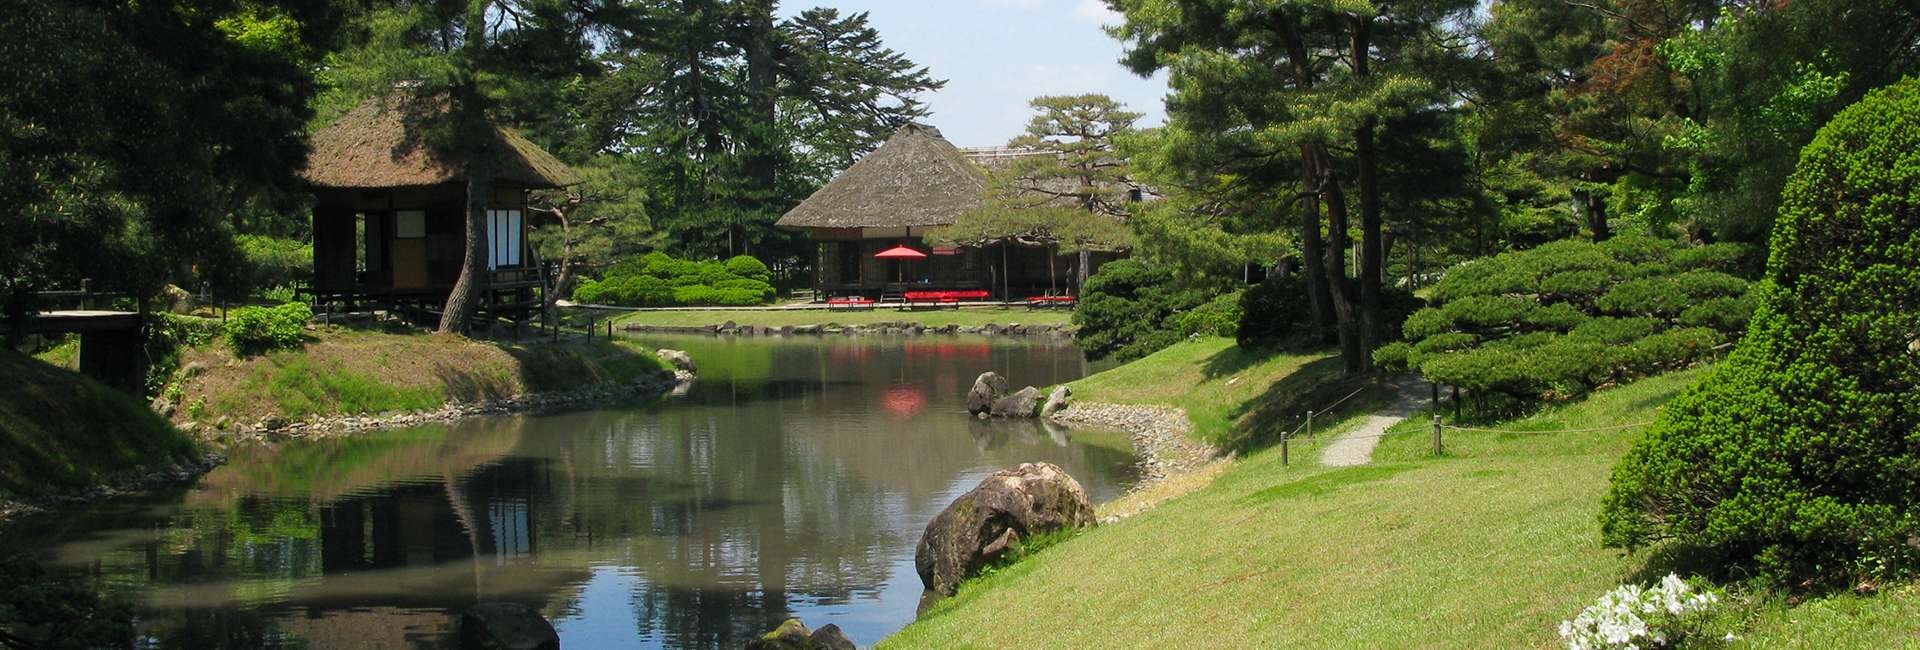 Oyakuen garden in Aizuwakamatsu